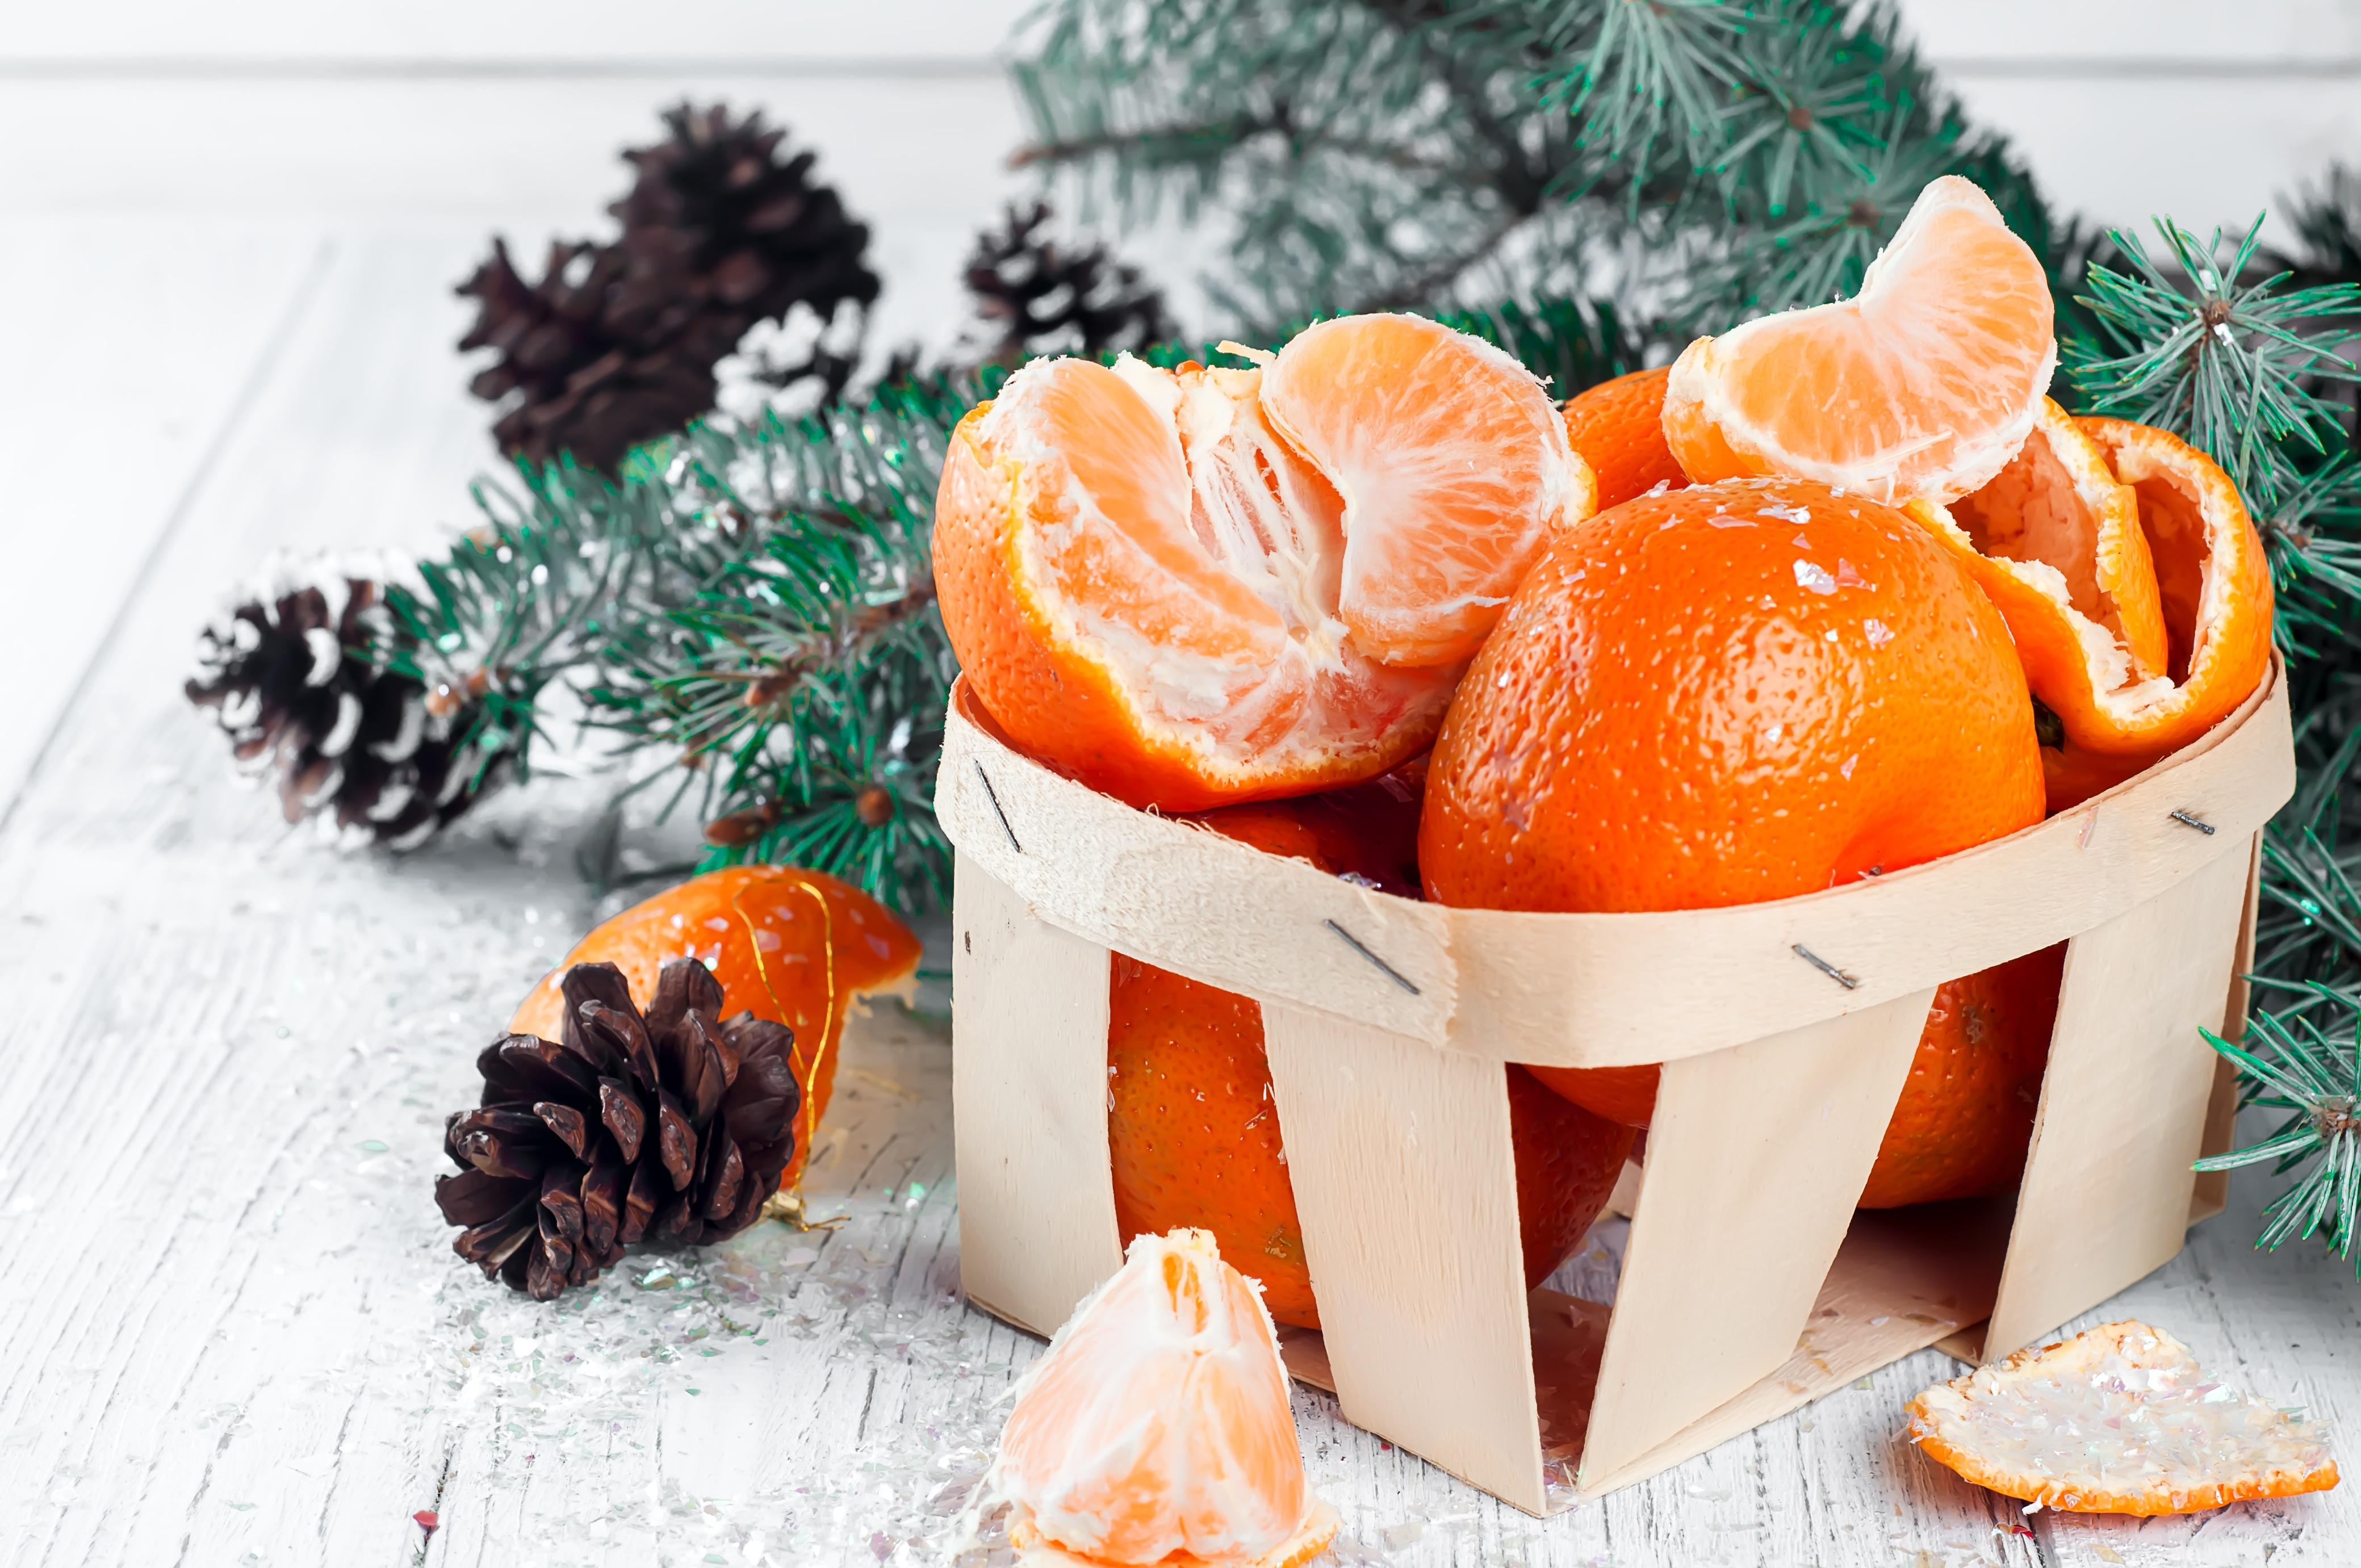 Картинки с мандаринами к новому году